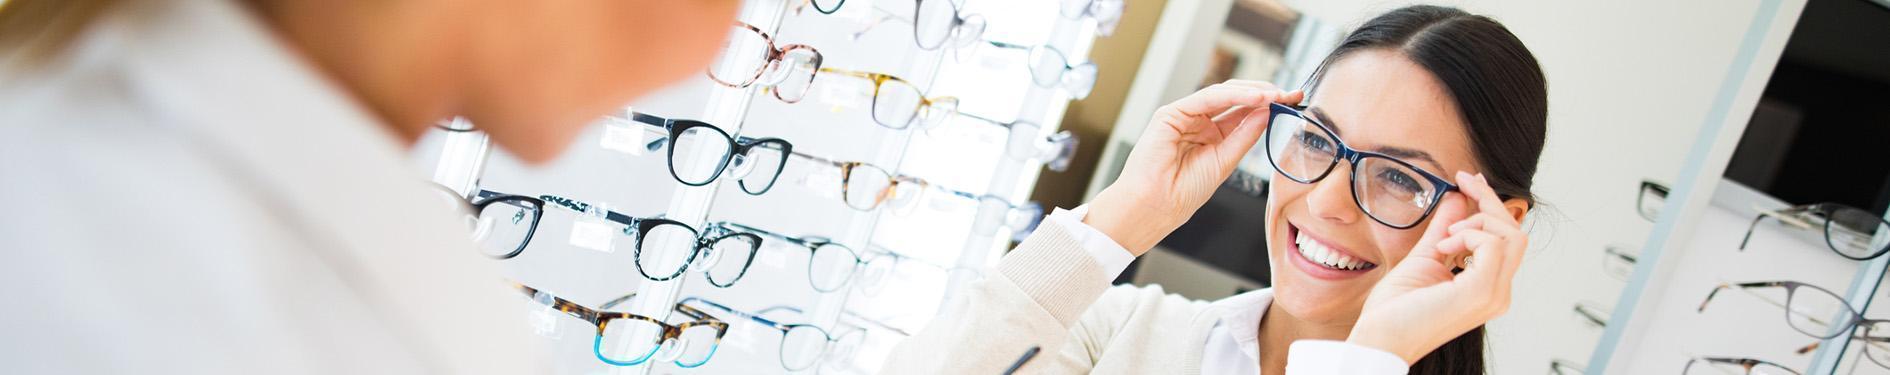 przymierzenie okularów